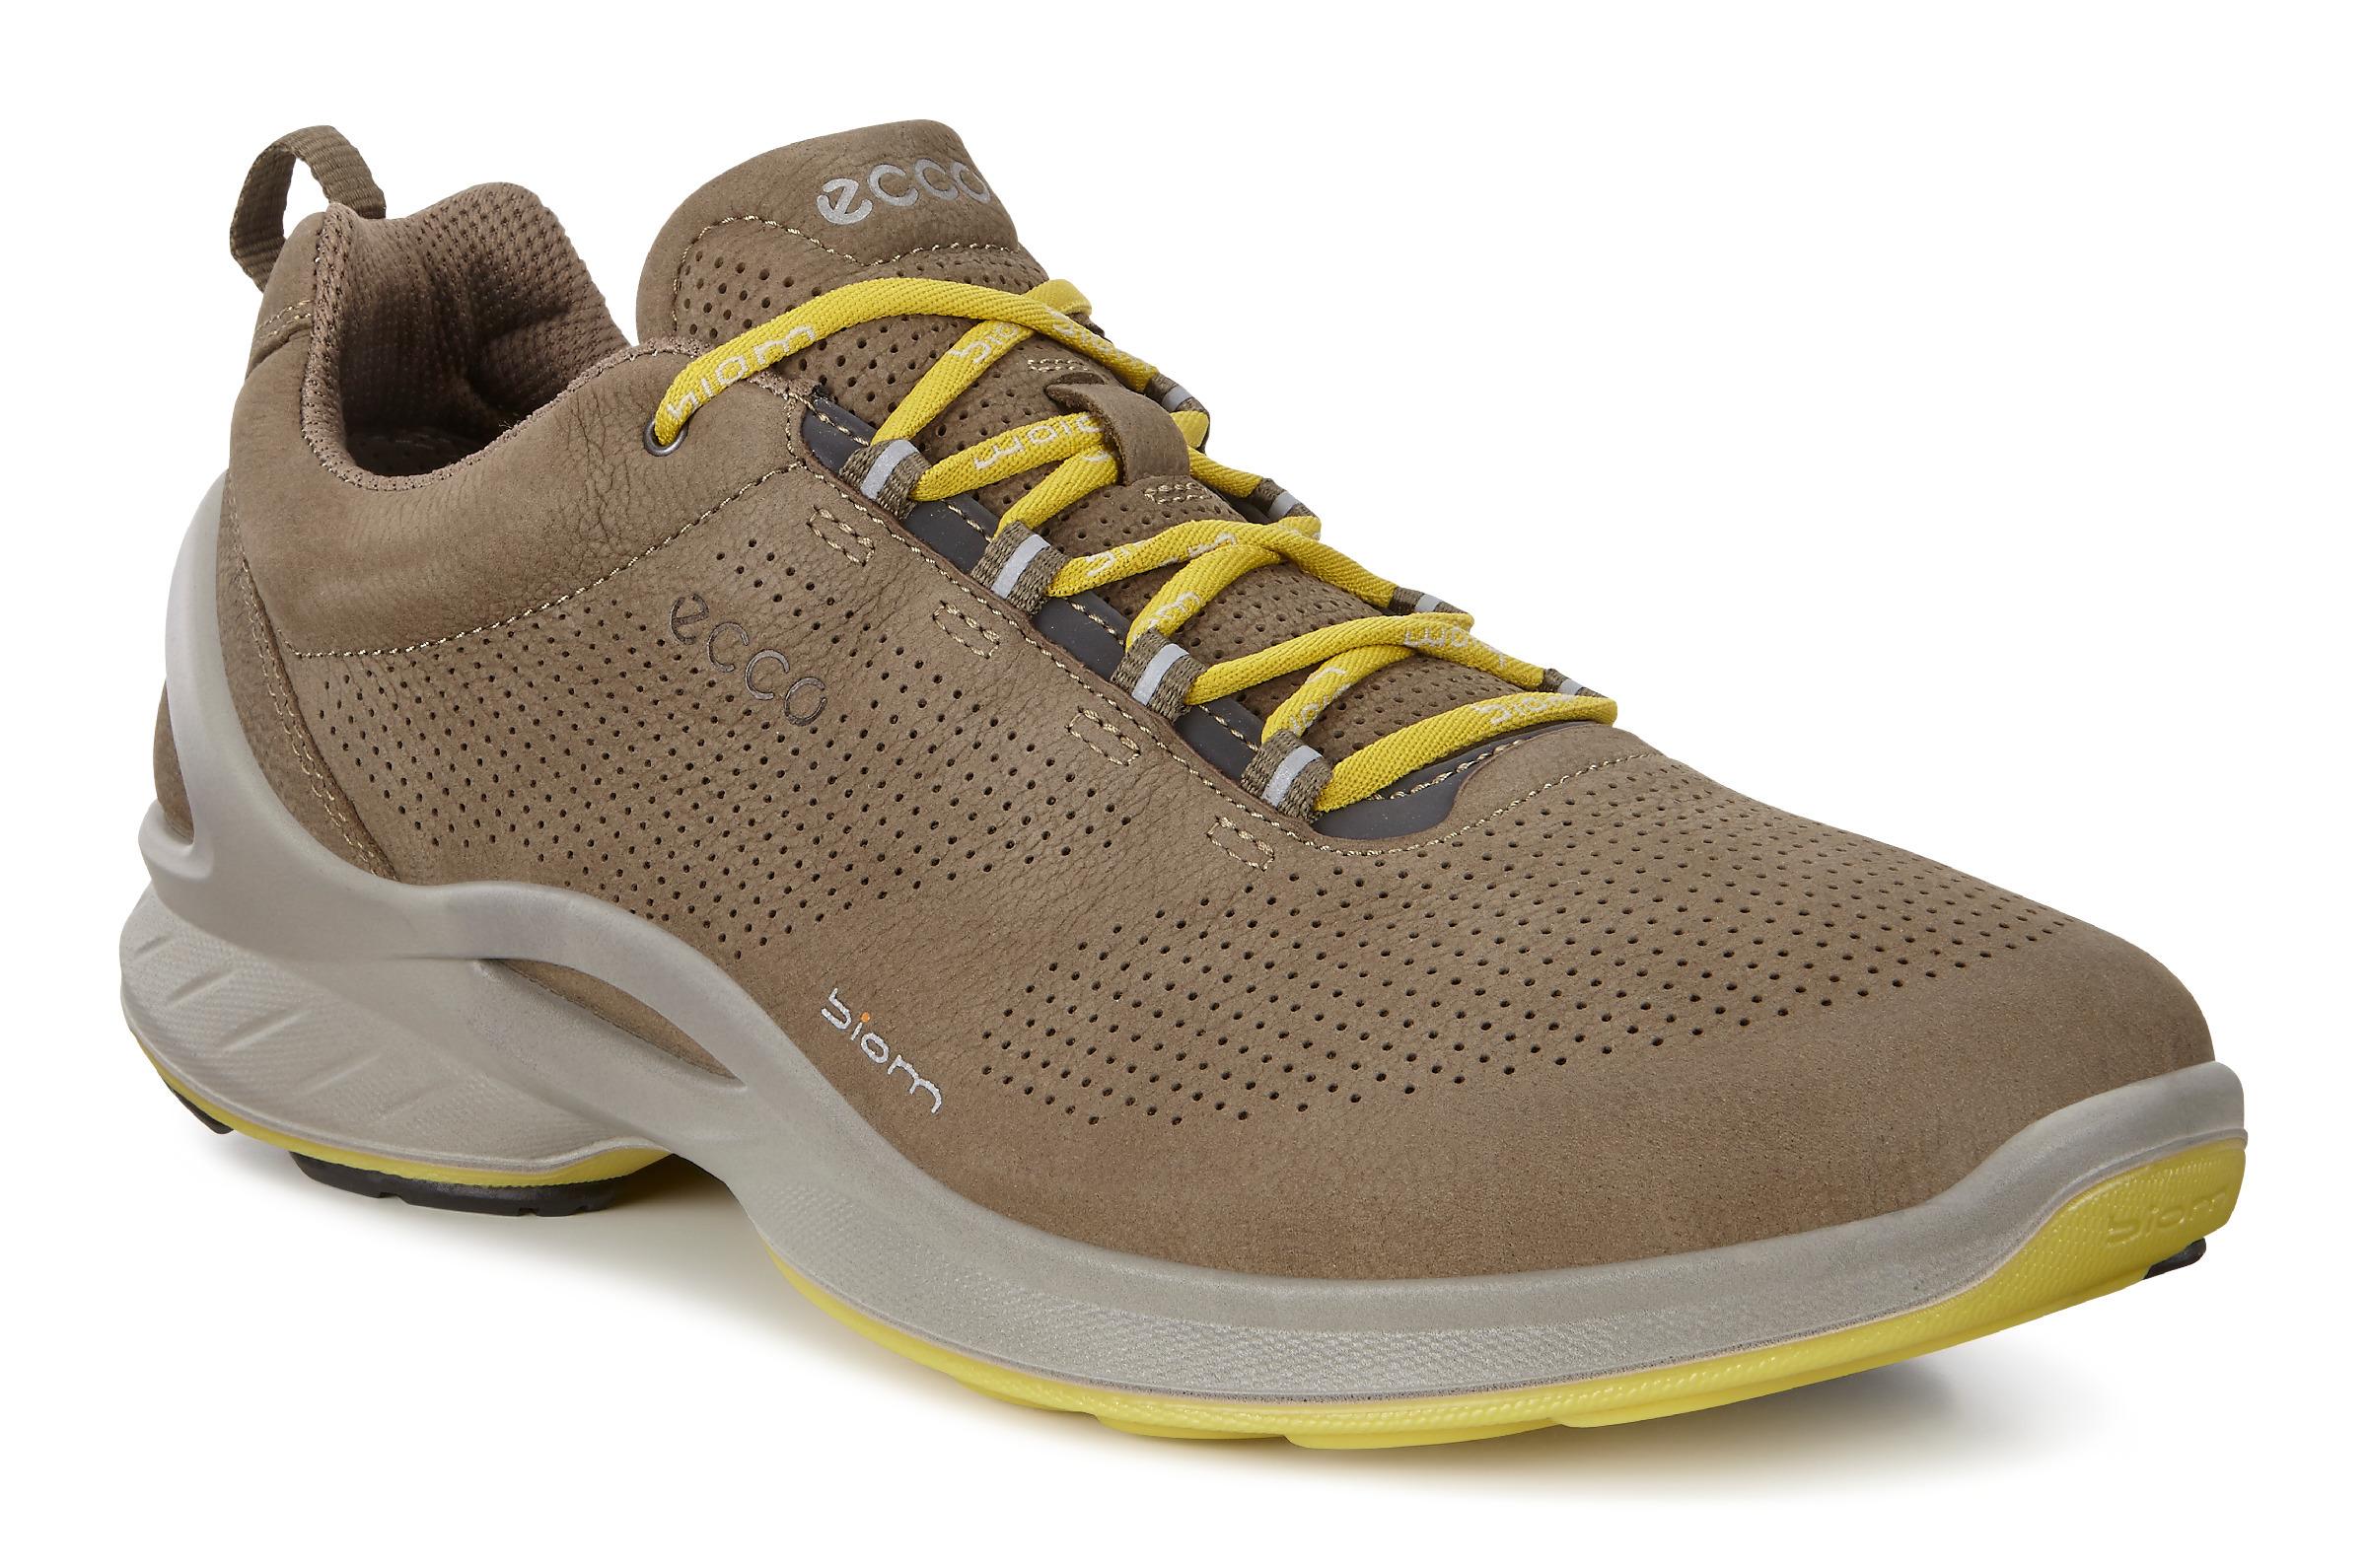 Sneaker für Herren | Im offiziellen ECCO® Shop einkaufen